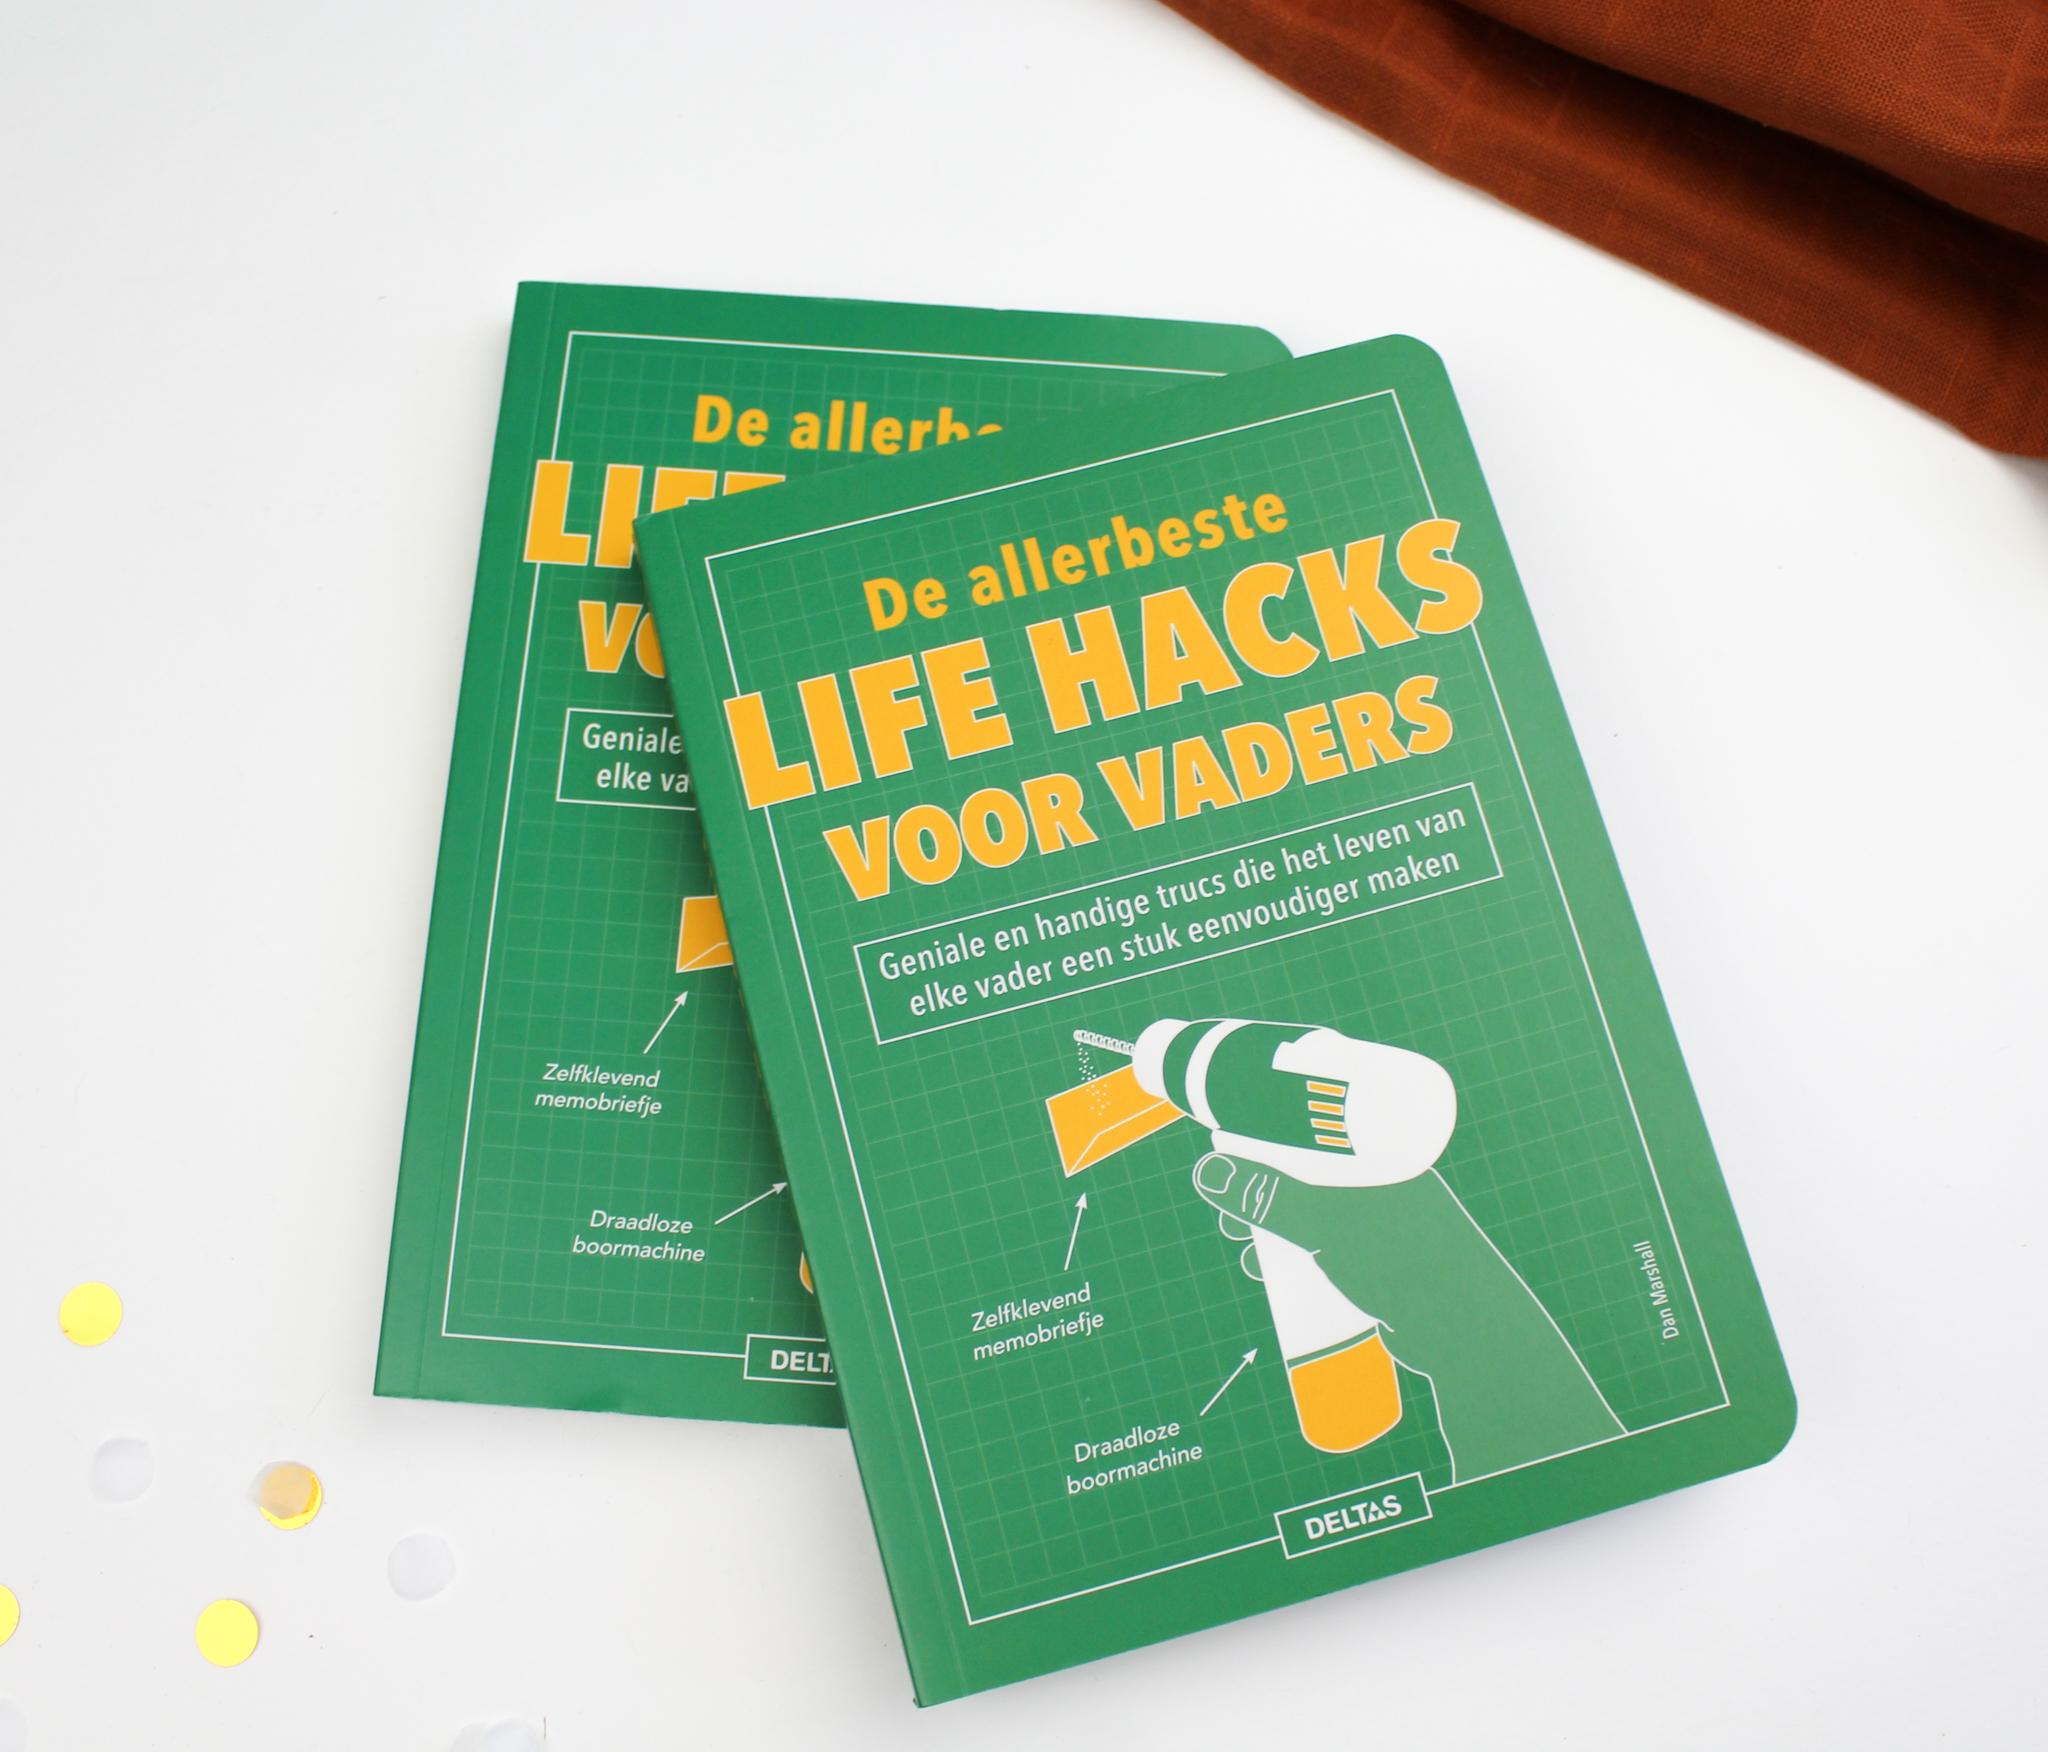 cadeau lifehacks voor vaders boek ideefabriek verjaardag lifehack